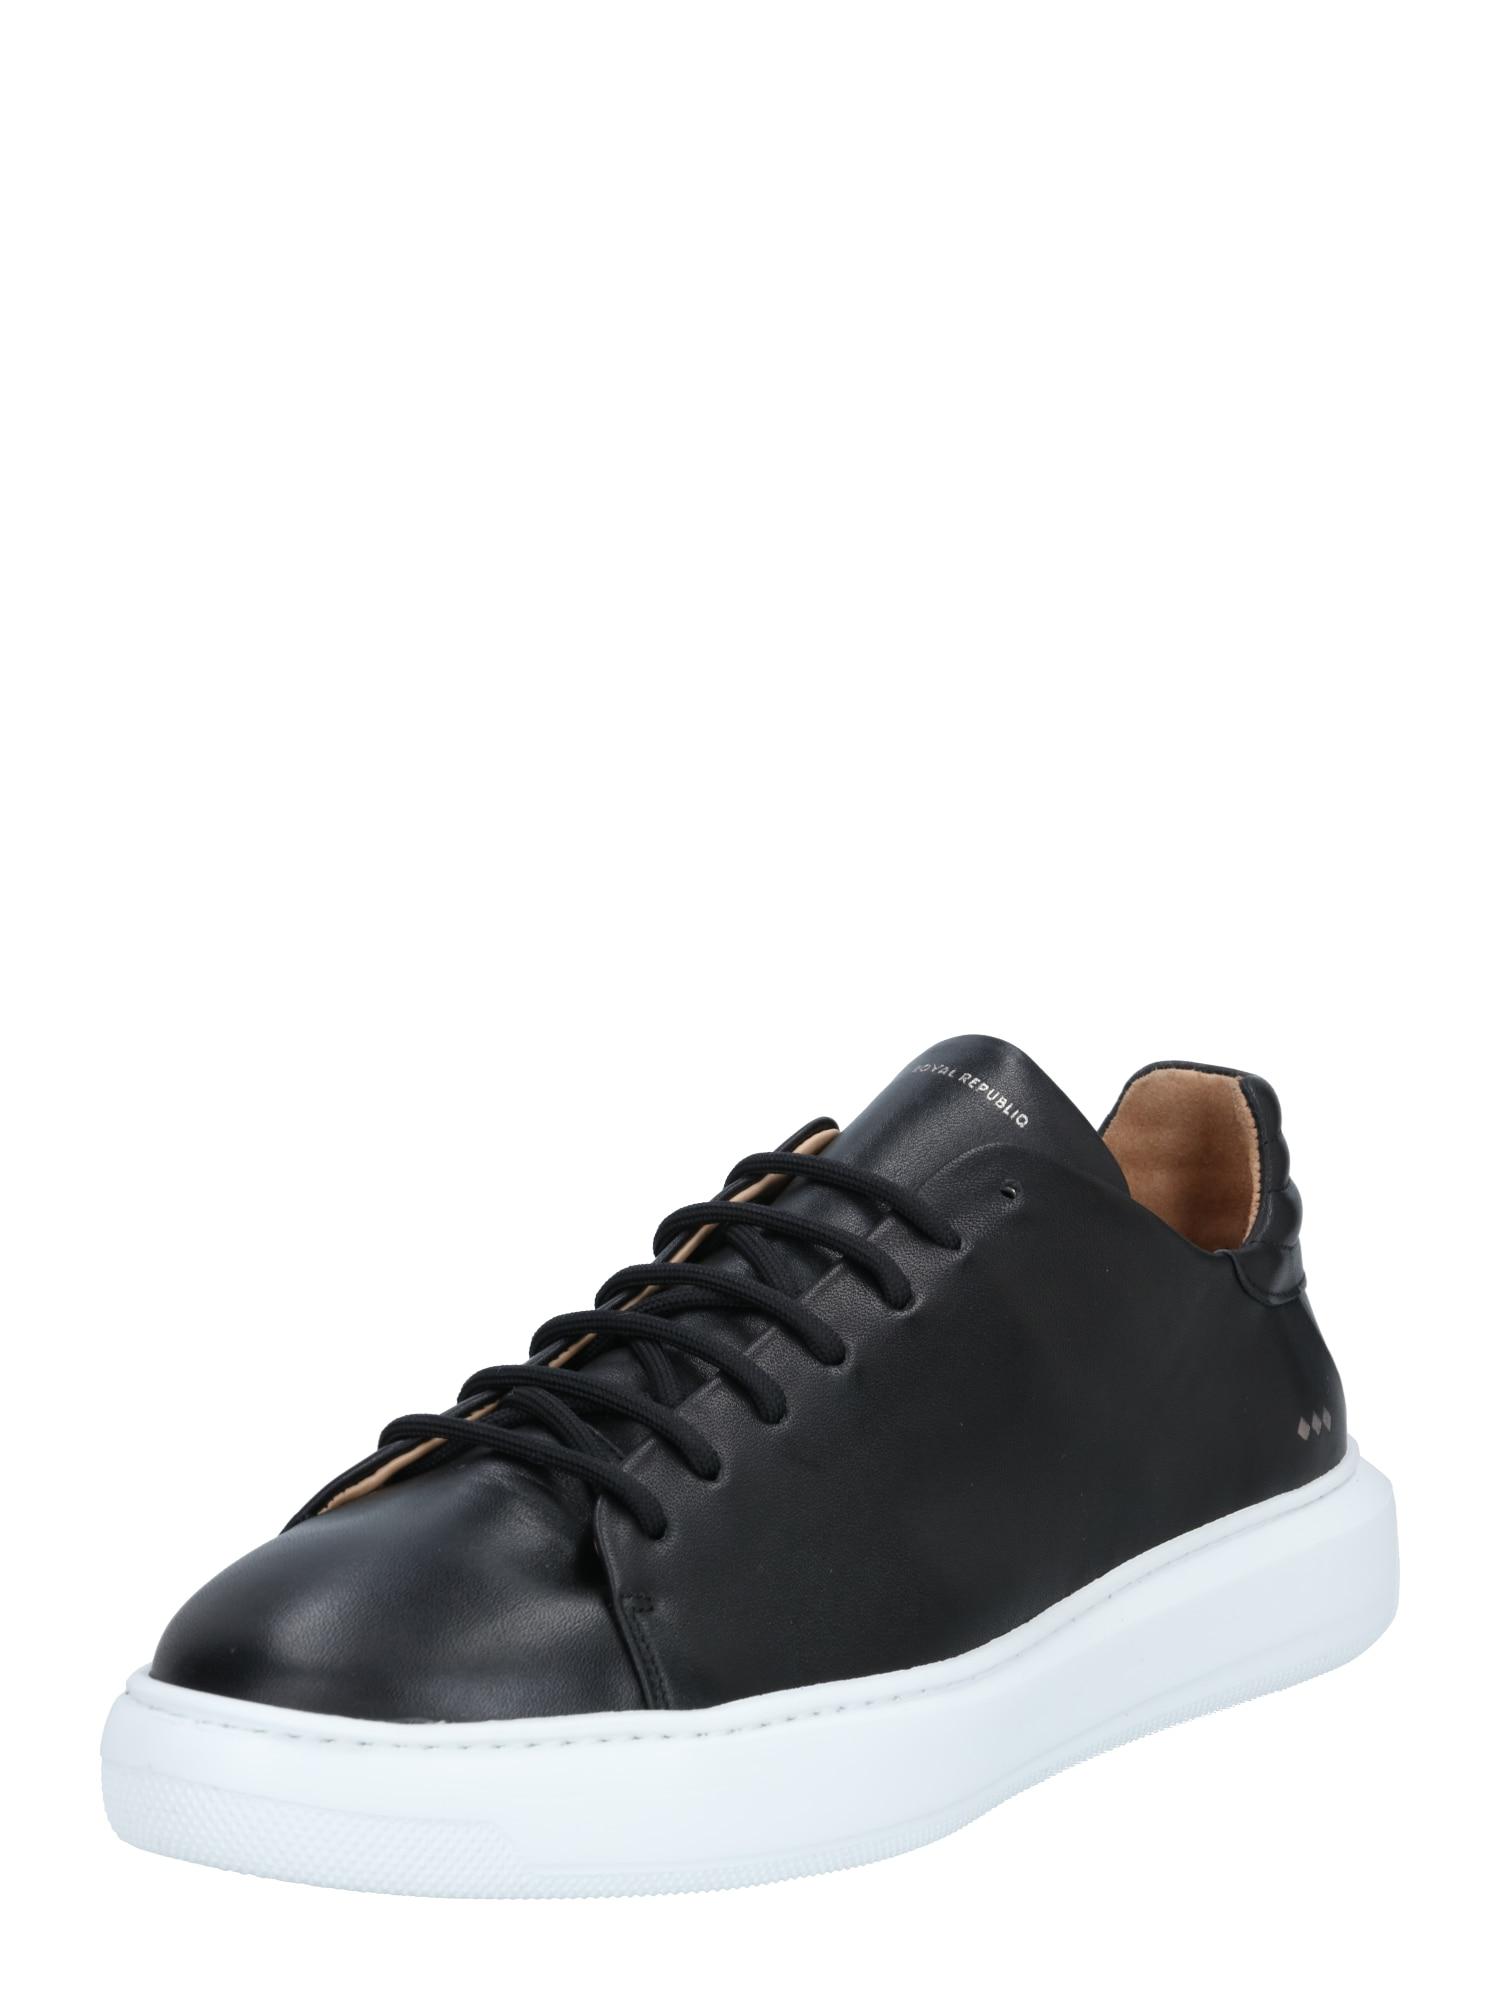 ROYAL REPUBLIQ Sportinio stiliaus batai su raišteliais